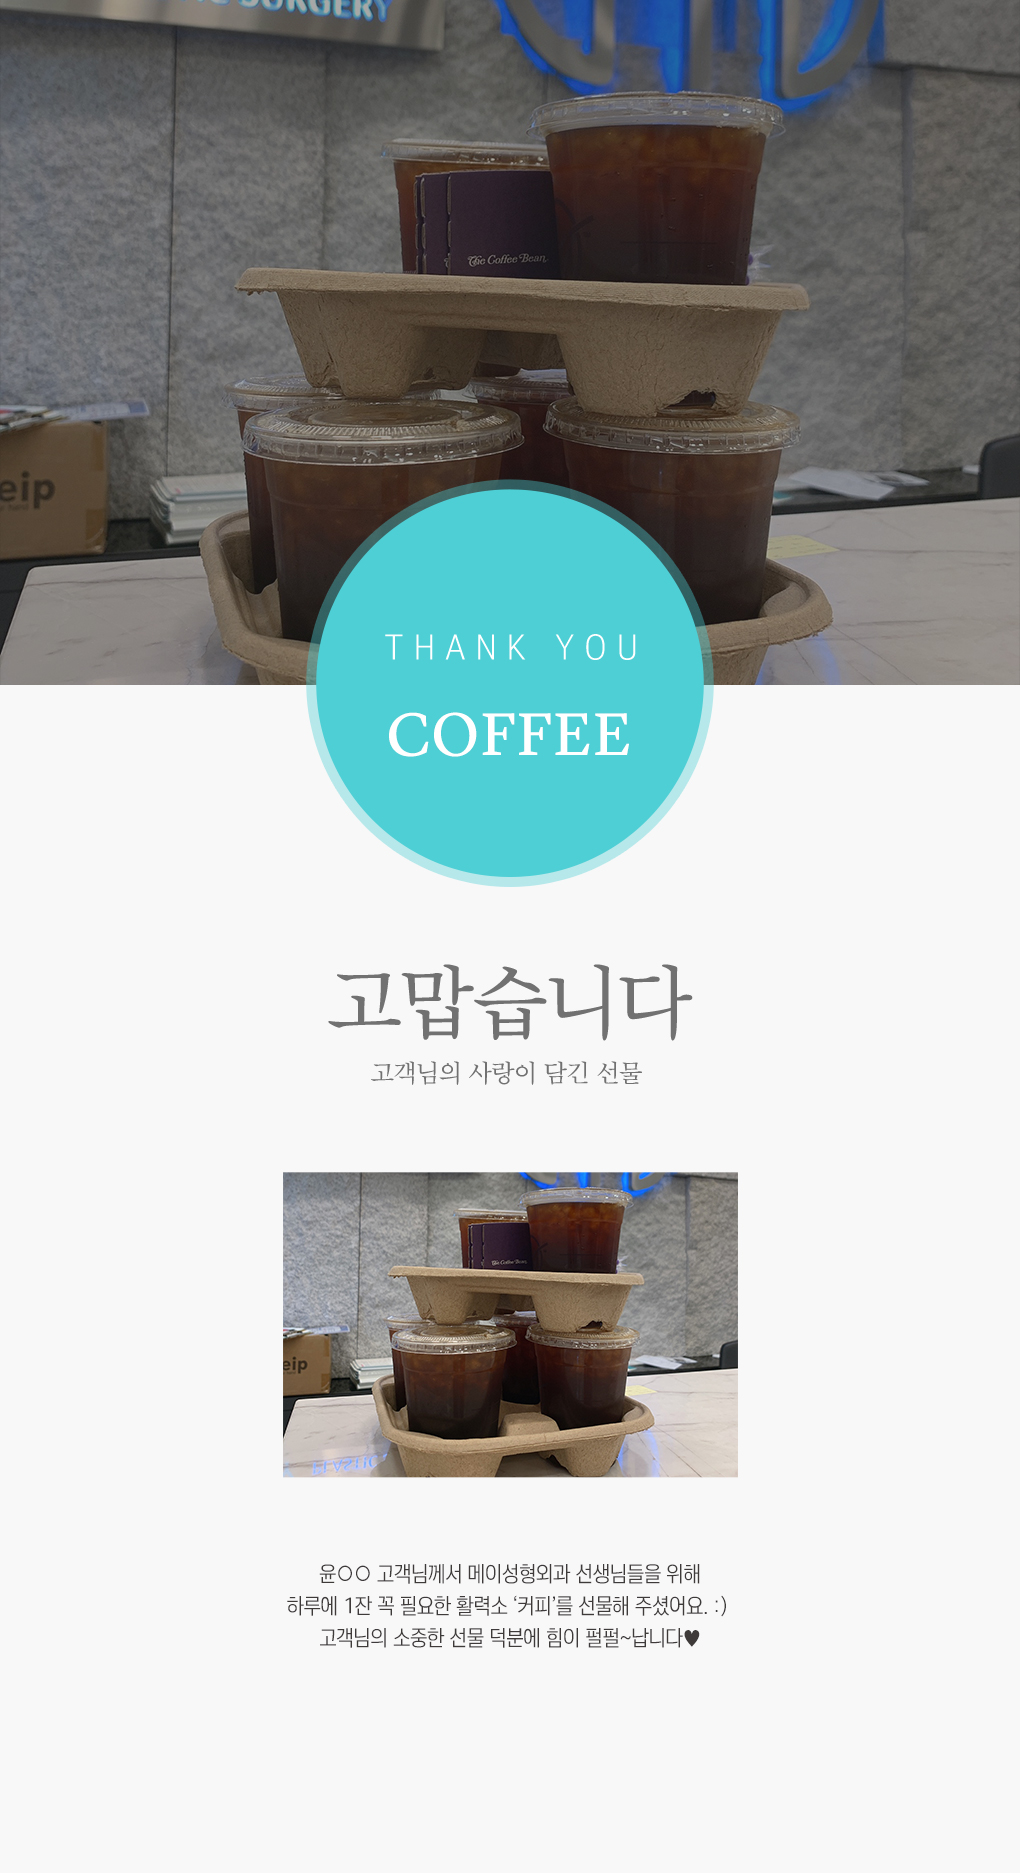 윤@@님 잘 마셨습니다 감사합니다